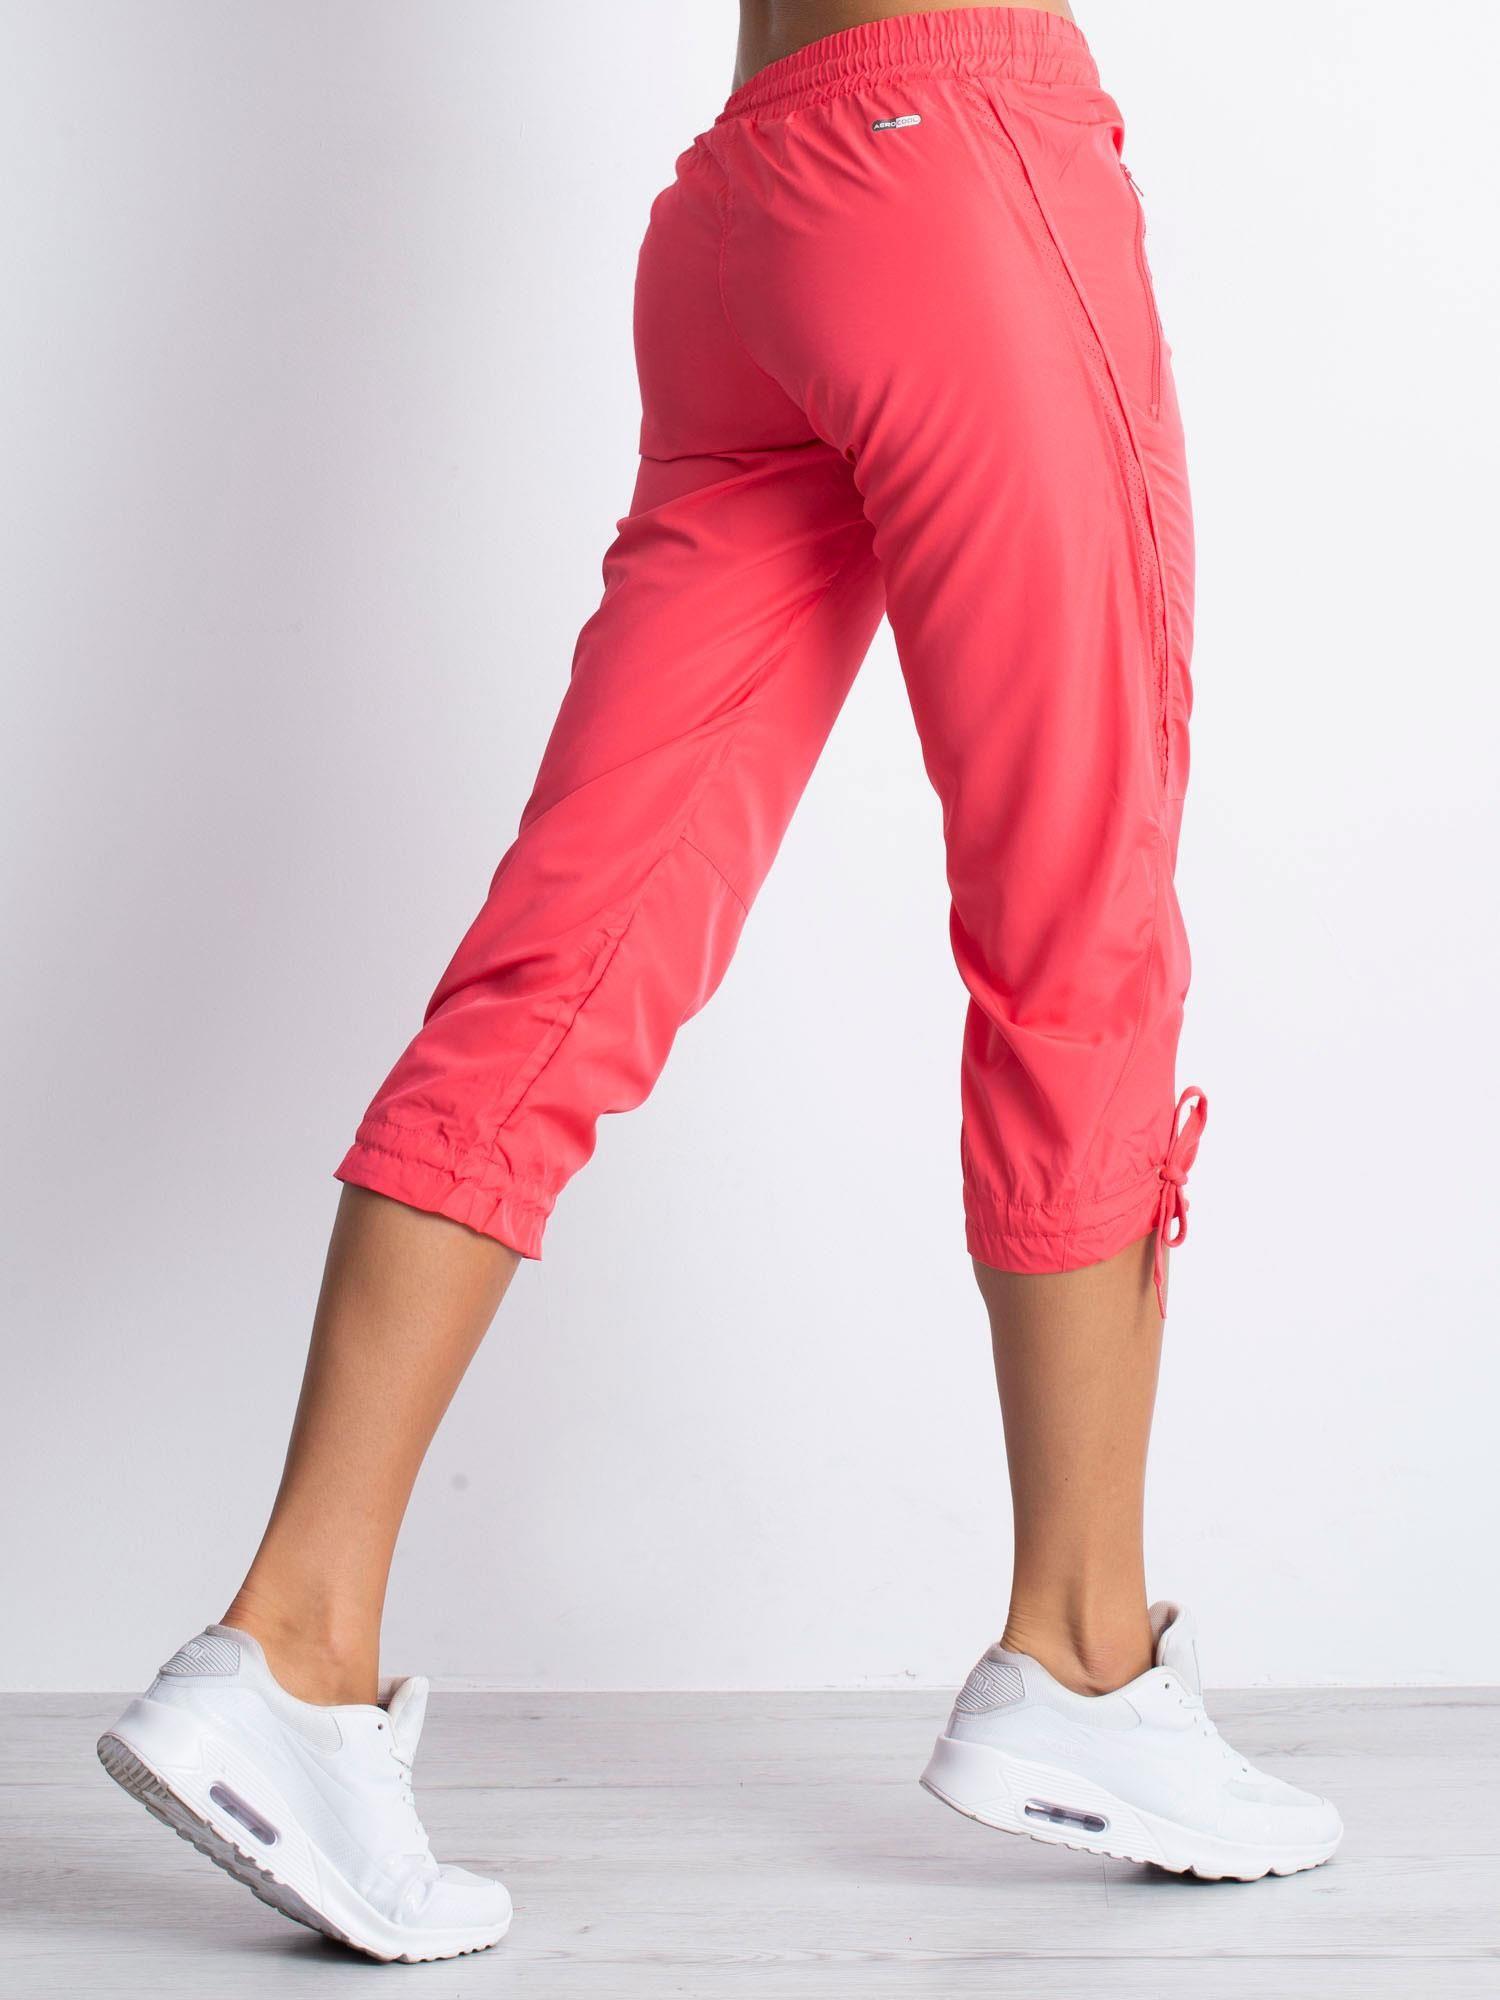 Jasnoróżowe spodnie sportowe capri z siateczką                                  zdj.                                  2